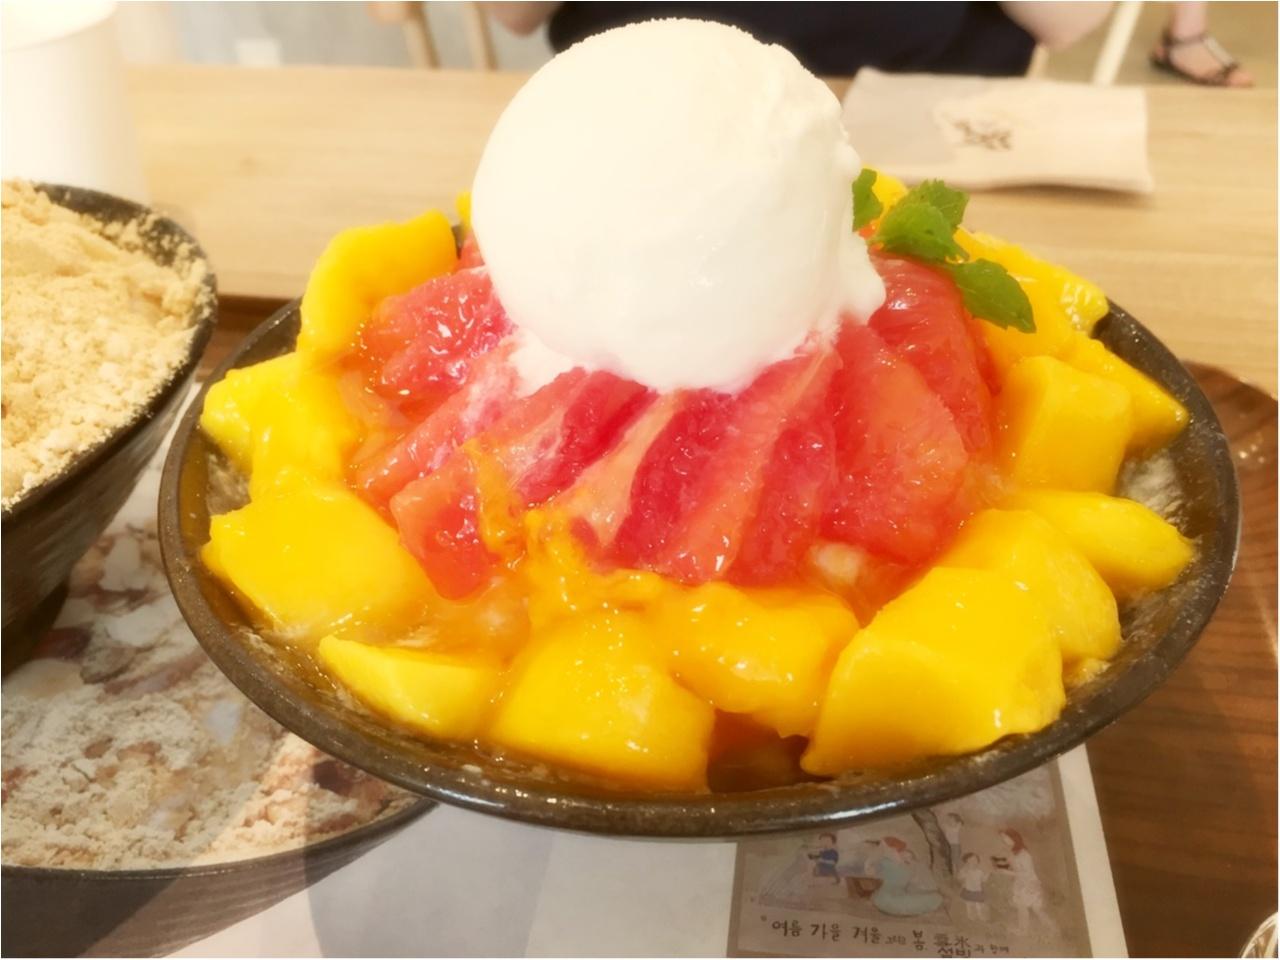 日本初上陸!韓国の人気かき氷店『ソルビン』が熱い!!!気になる待ち時間と人気メニューをチェック♡*_5